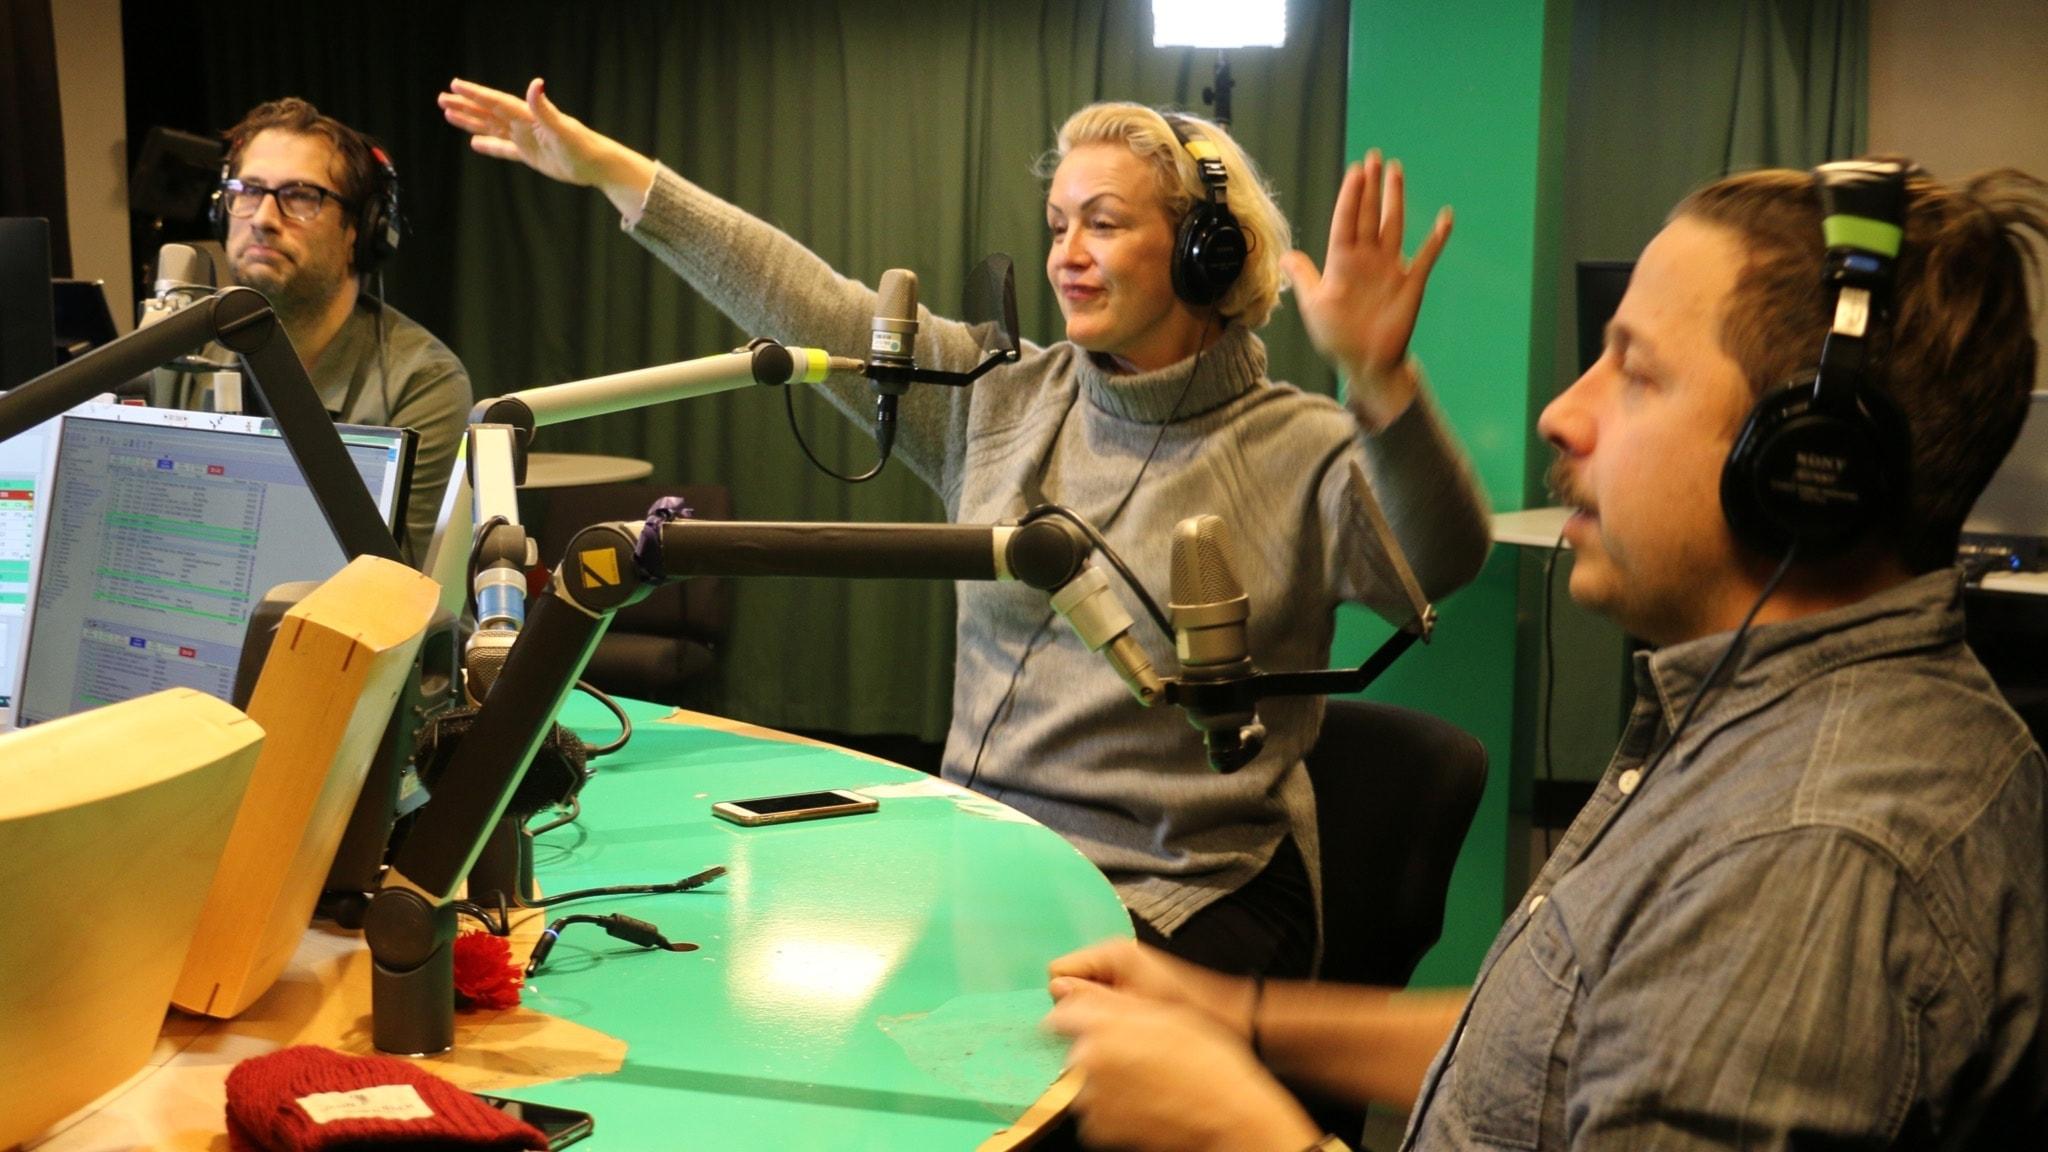 Fredag i P4 med Martina Thun - och Niklas Källner, Karin Adelsköld samt David Sundin